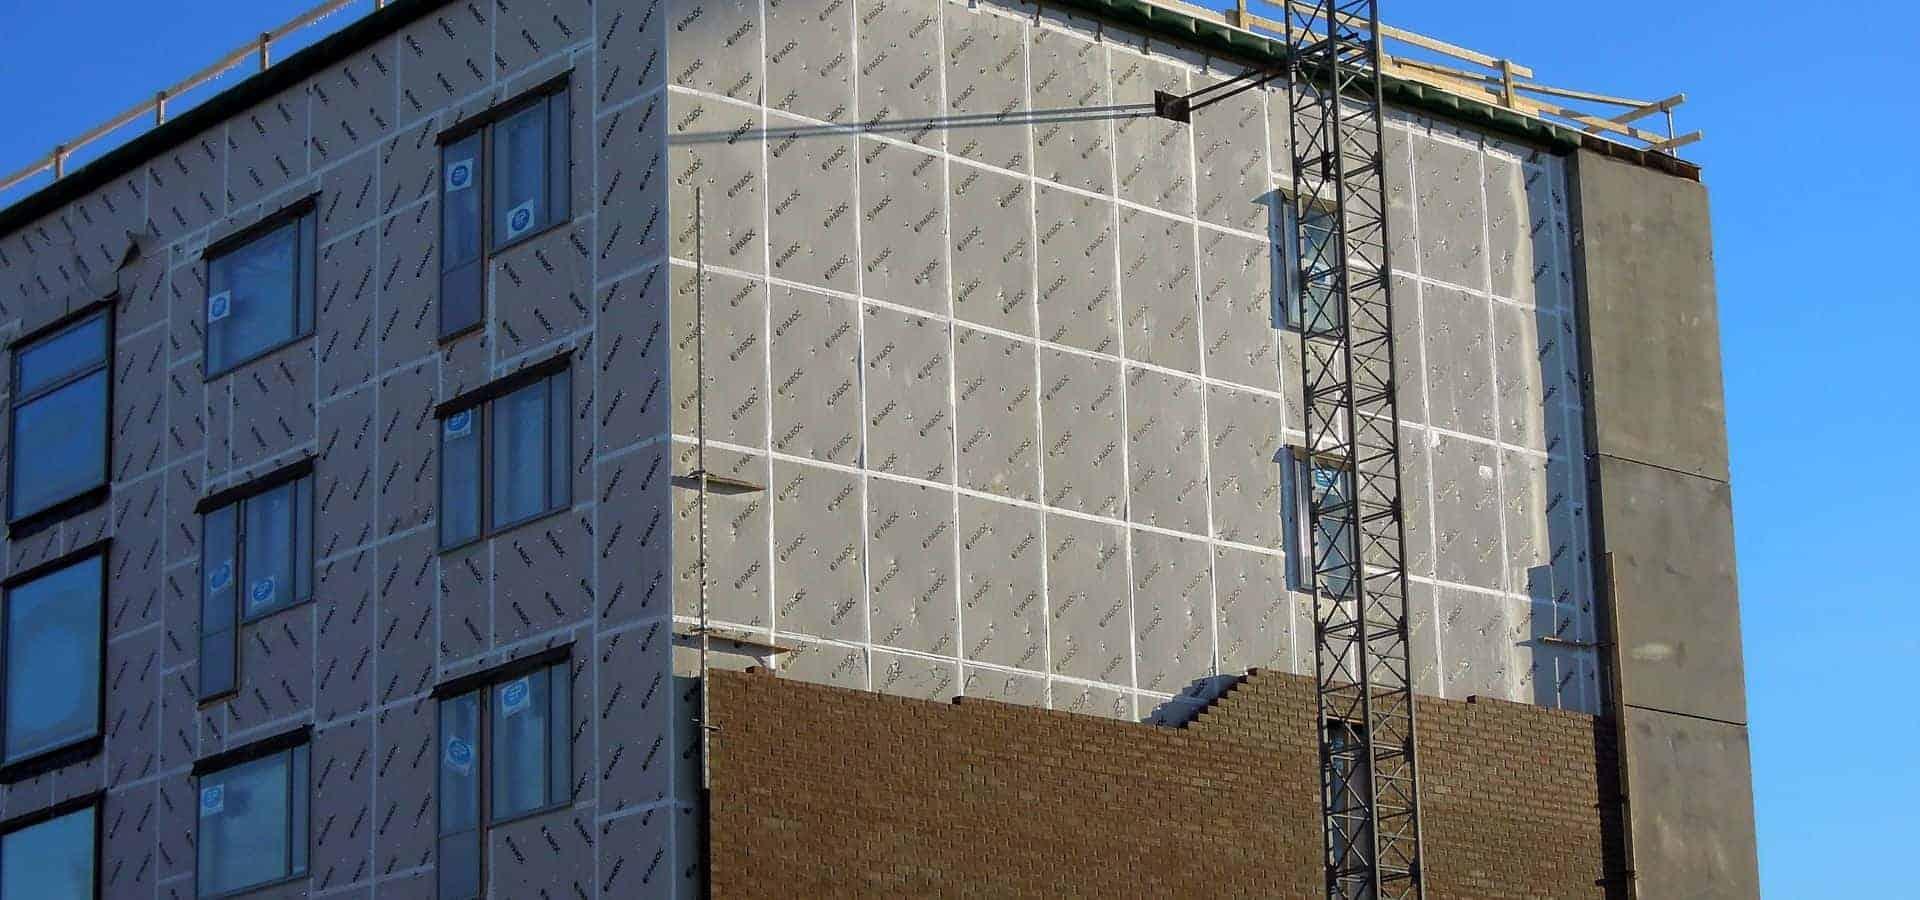 Θερμοπροσόψεις Κτιρίων - Μονώσεις Ταρατσών Chromotech